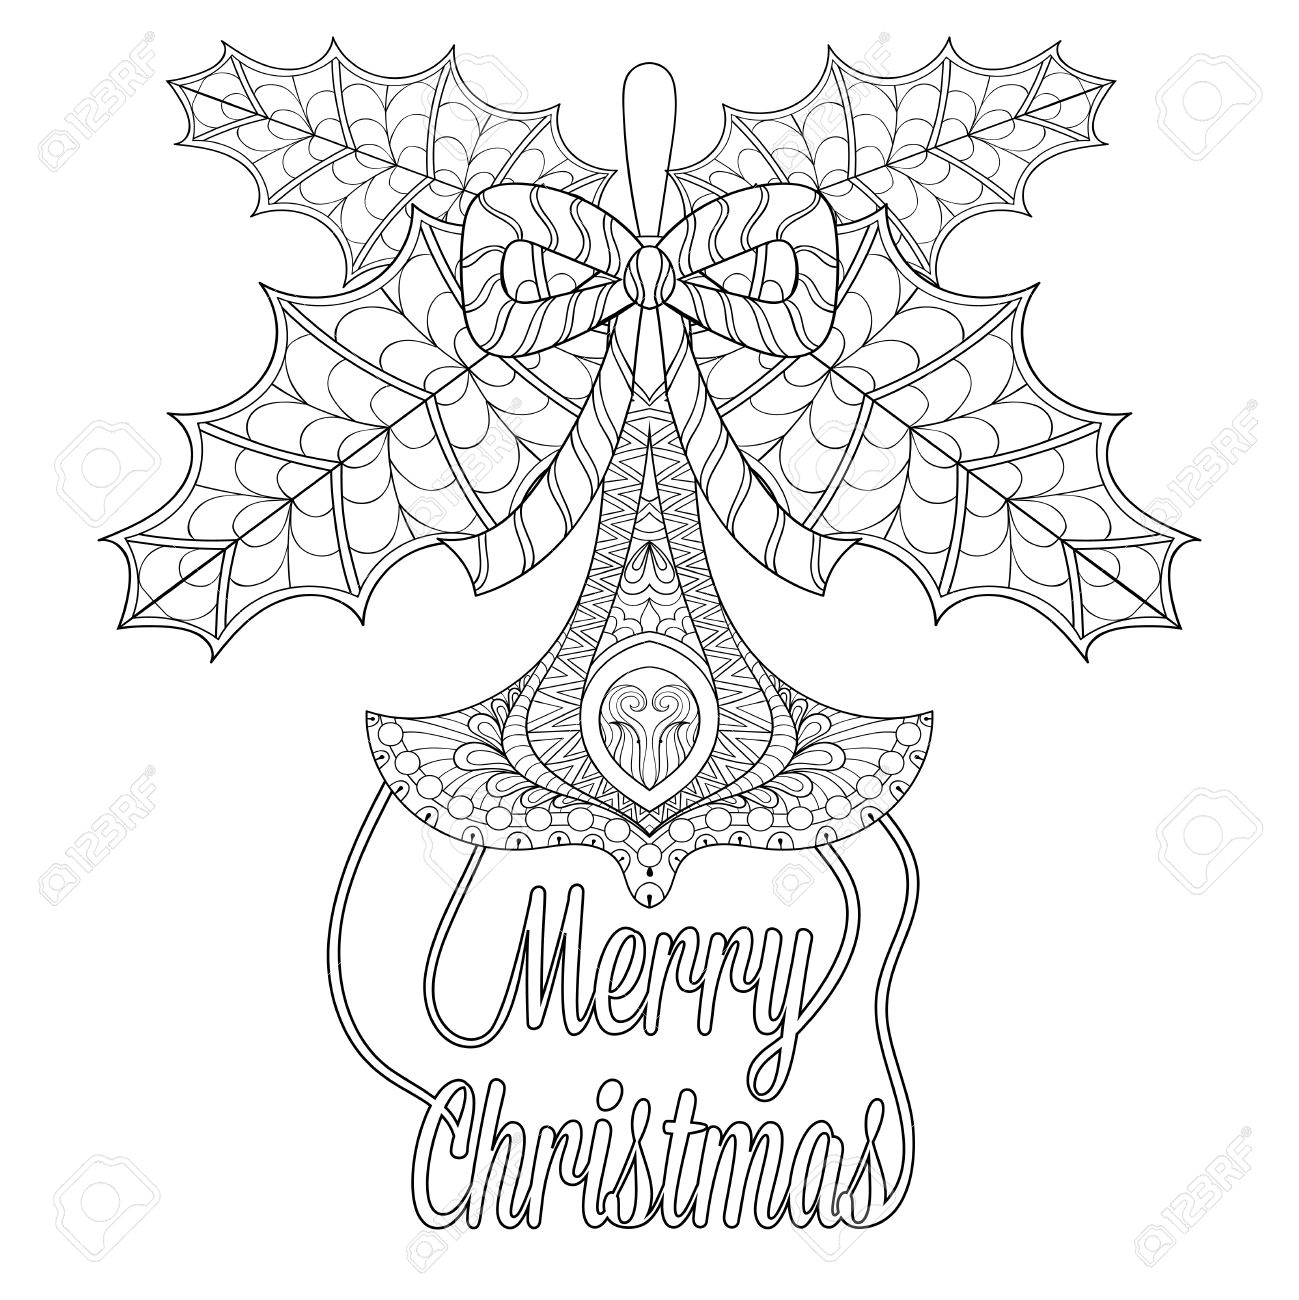 Juguete Del Arbol De Navidad Con Hojas De Muerdago Desea En El